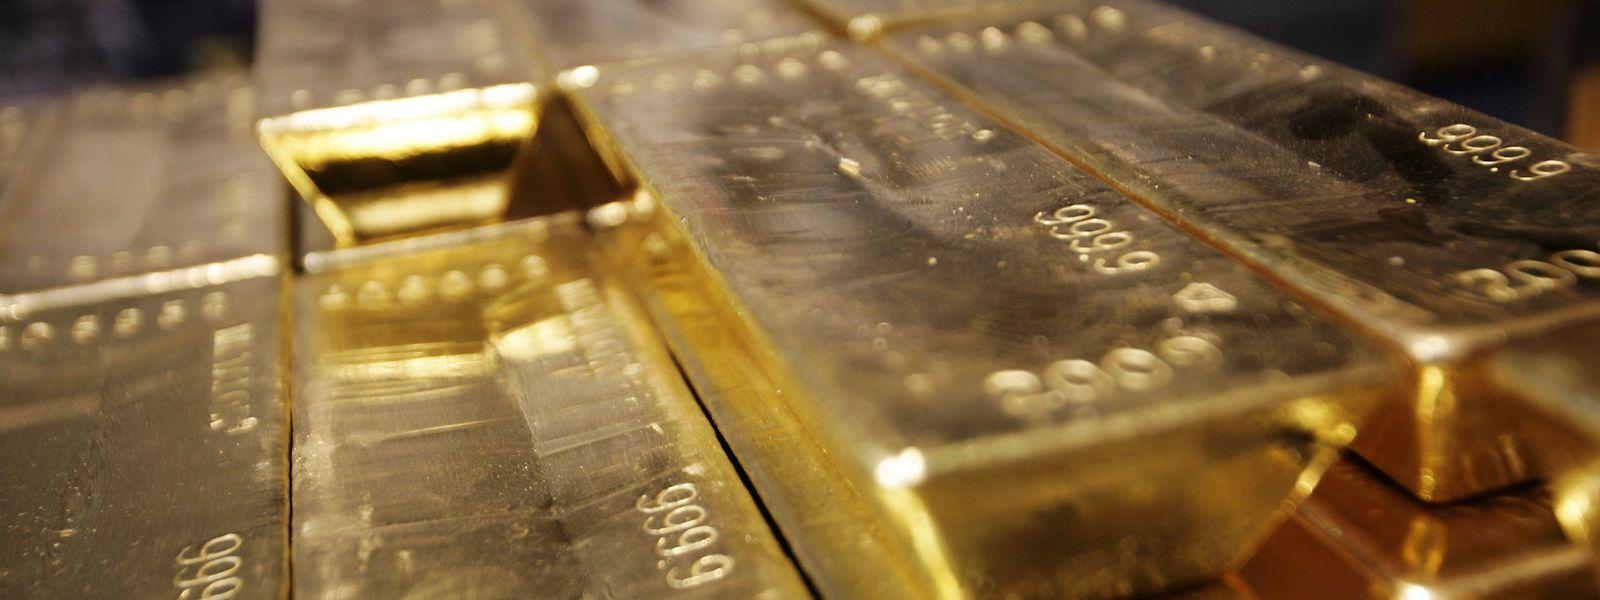 Eines der ältesten Zahlungsmittel, Gold, hat von seinem Glanz nichts verloren: vor allem in Krisenzeiten ist es gefragt.